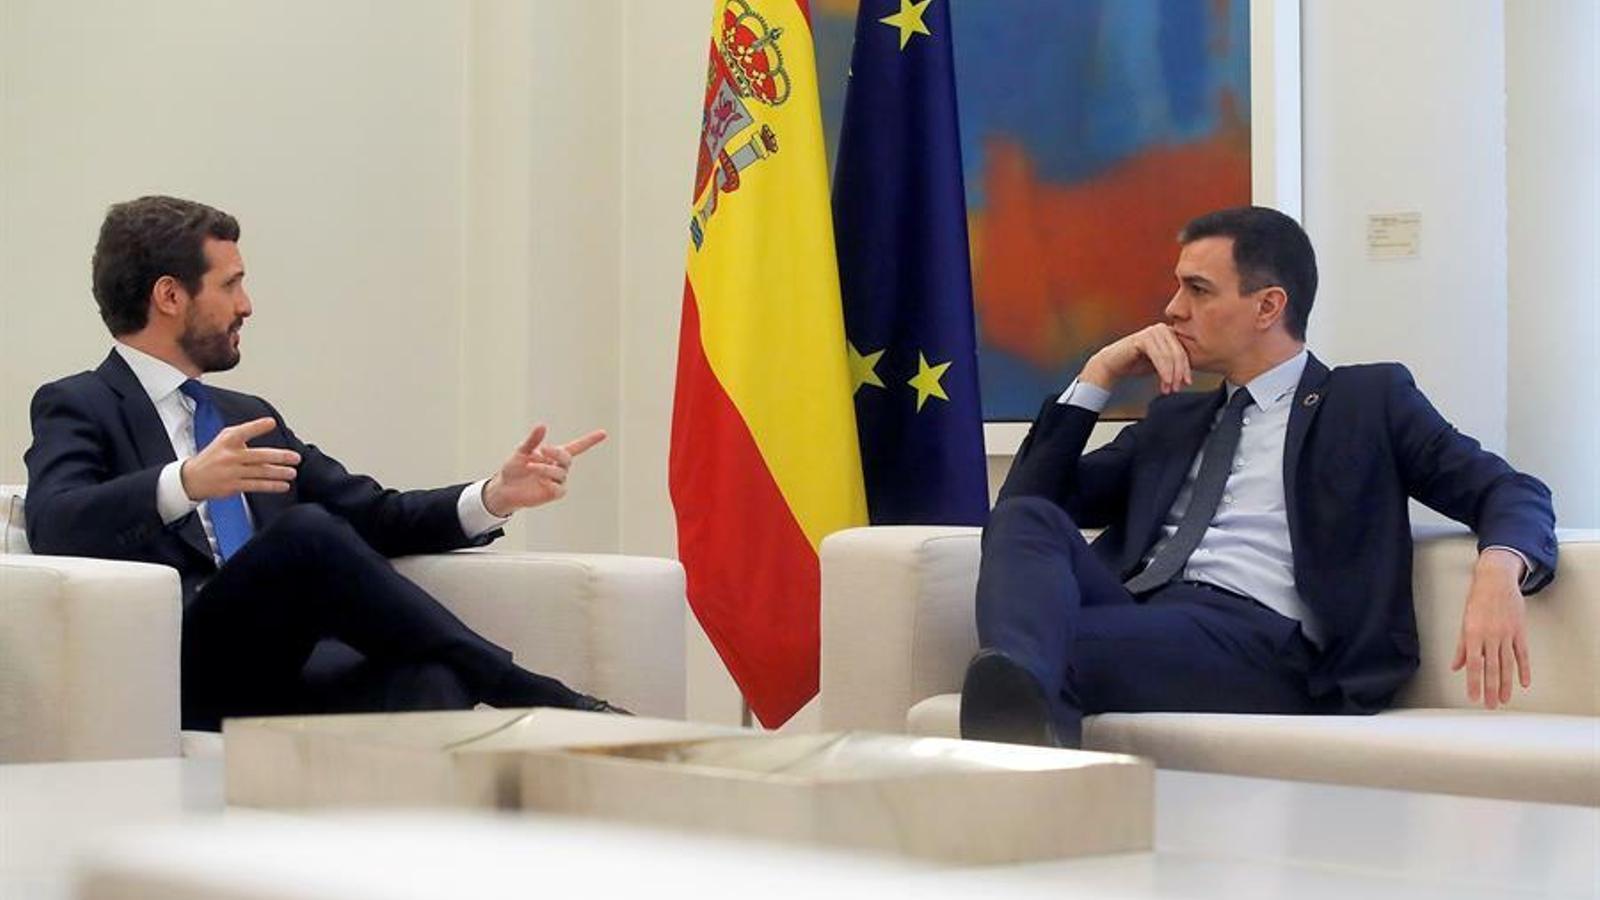 Fracassa la reunió entre Sánchez i Casado: la Moncloa denuncia «l'estratègia de bloqueig» del PP